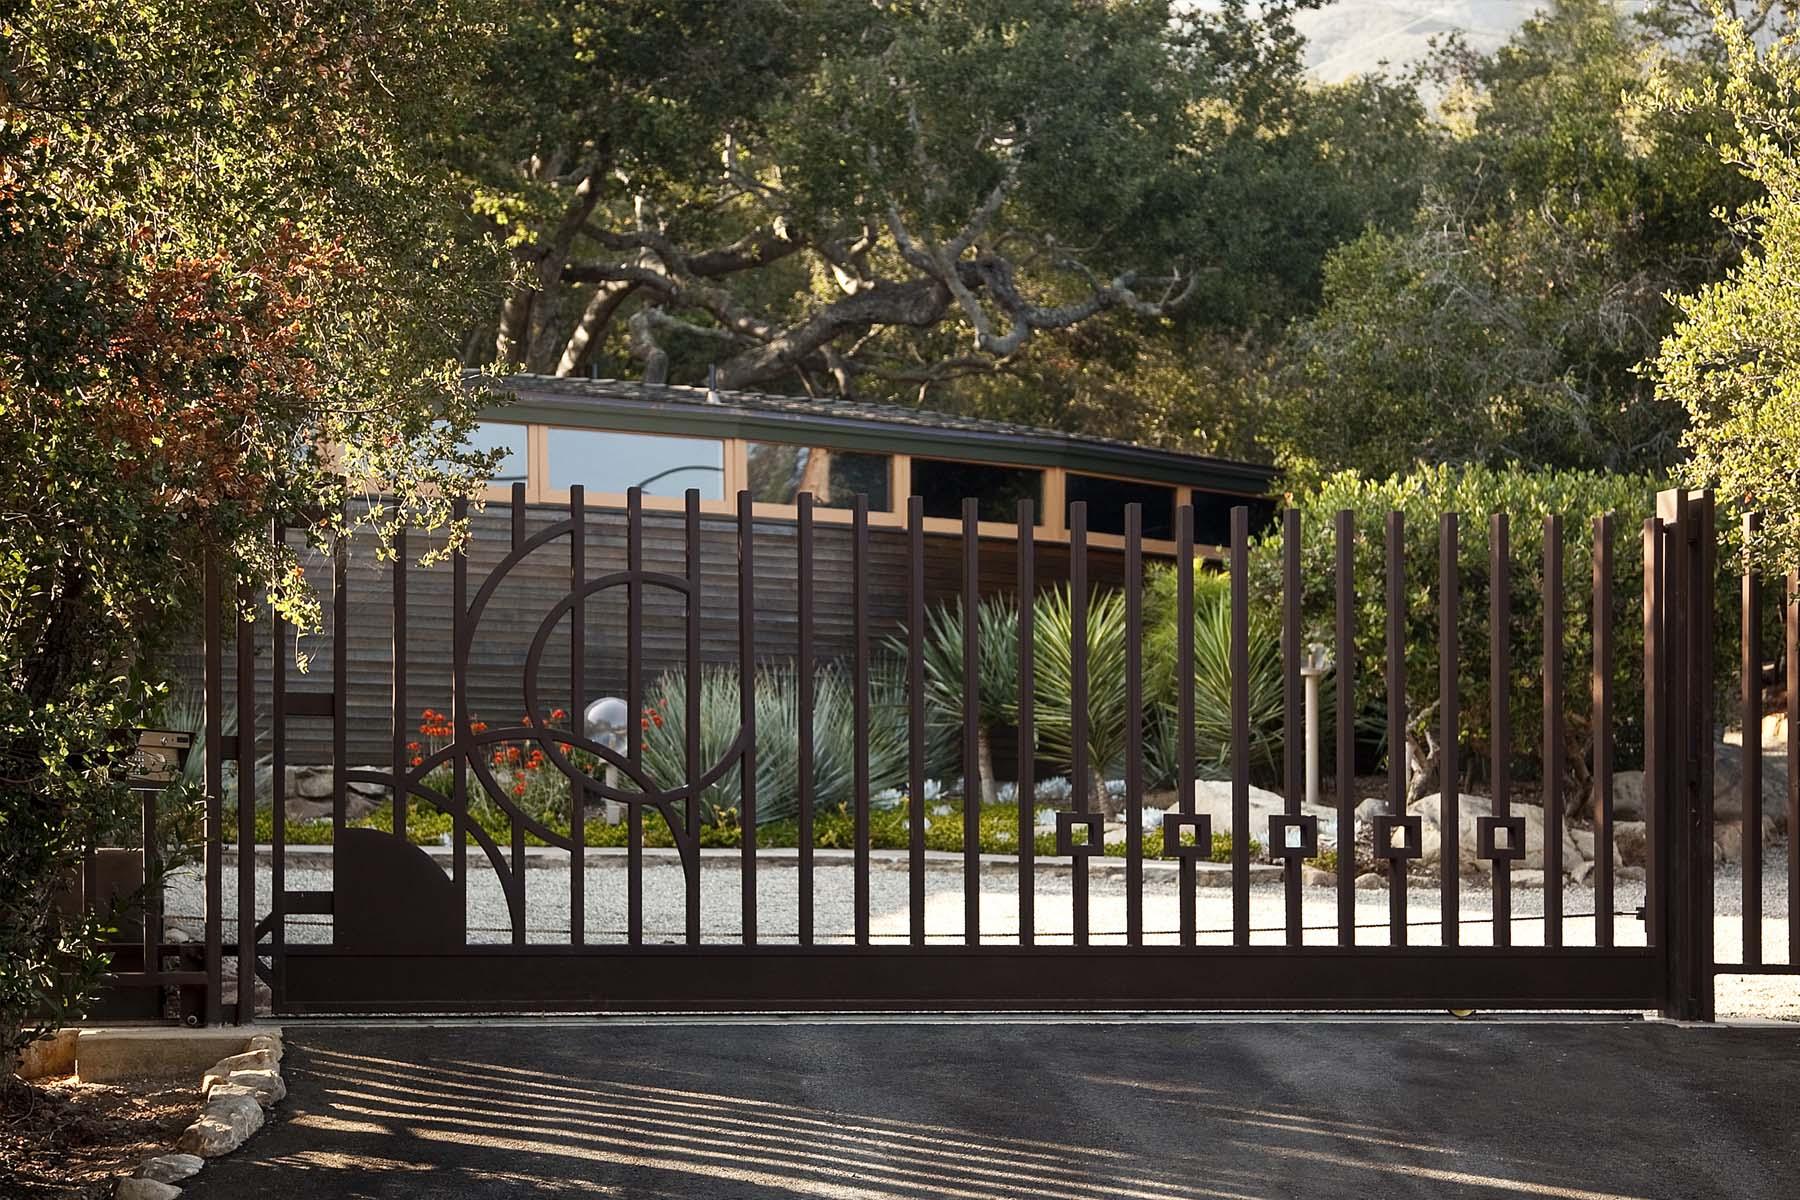 Benton Gate